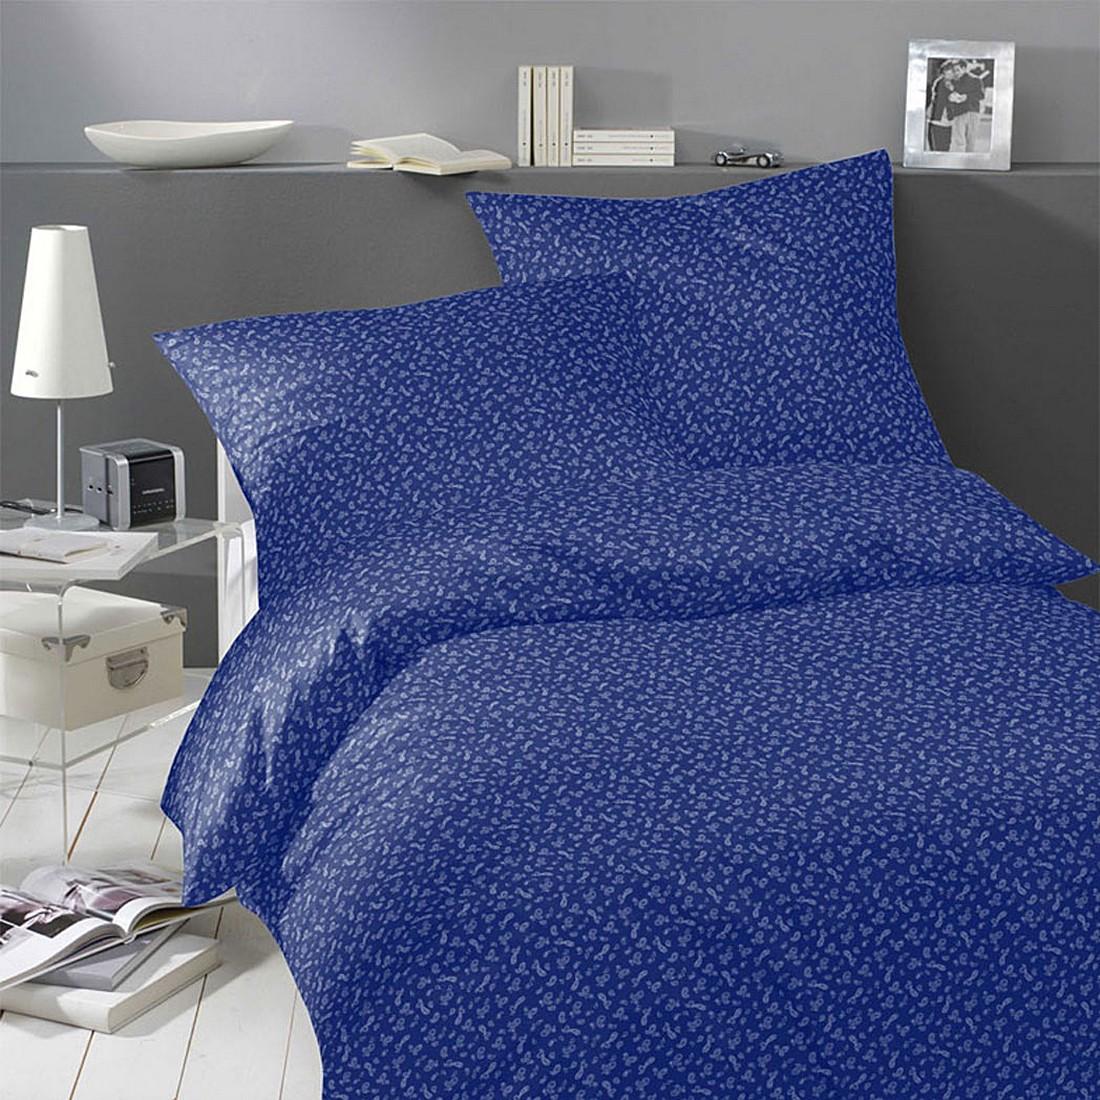 Bettwäsche Pure&Simple Paisley Dunkelblau – Baumwolle – Mehrfarbig – 135X200 cm + 80X80 cm, Yes for bed günstig bestellen